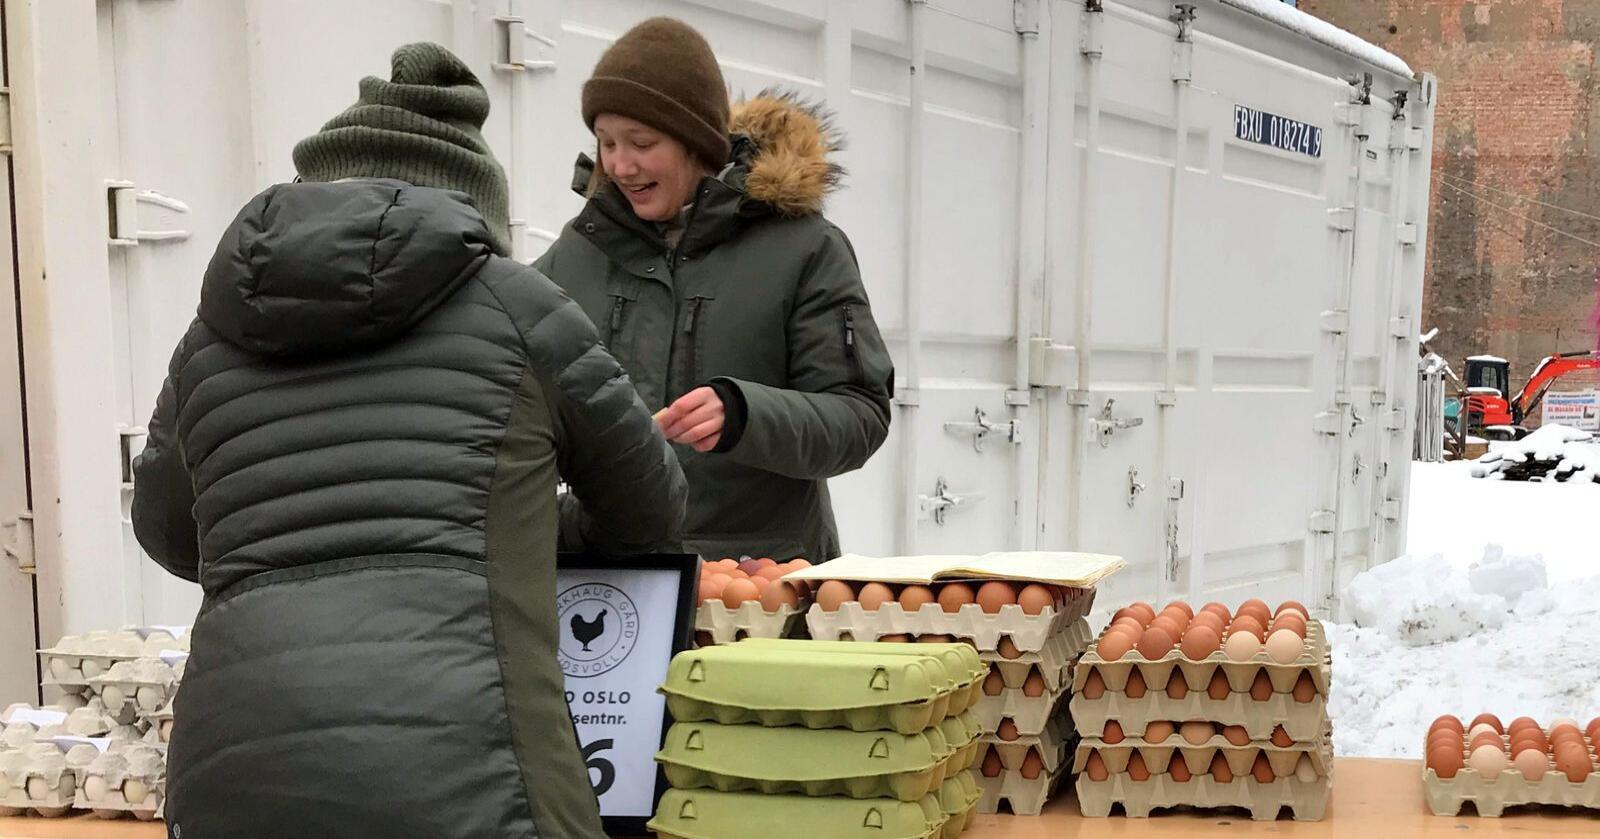 Reko-produsentane tilbyr eit variert sortiment innan lokalmat. Utvalet varierer sjølvsagt etter sesong, og frå ring til ring, men det er noko å kjøpe heile året. Her er alt frå konfekt, kaker og sjømat til dei som sel meir vanlege landbruksprodukt som grønsaker, egg, korn-, kjøt- og mjølkeprodukt.Foto: Kari Hamre / NPK